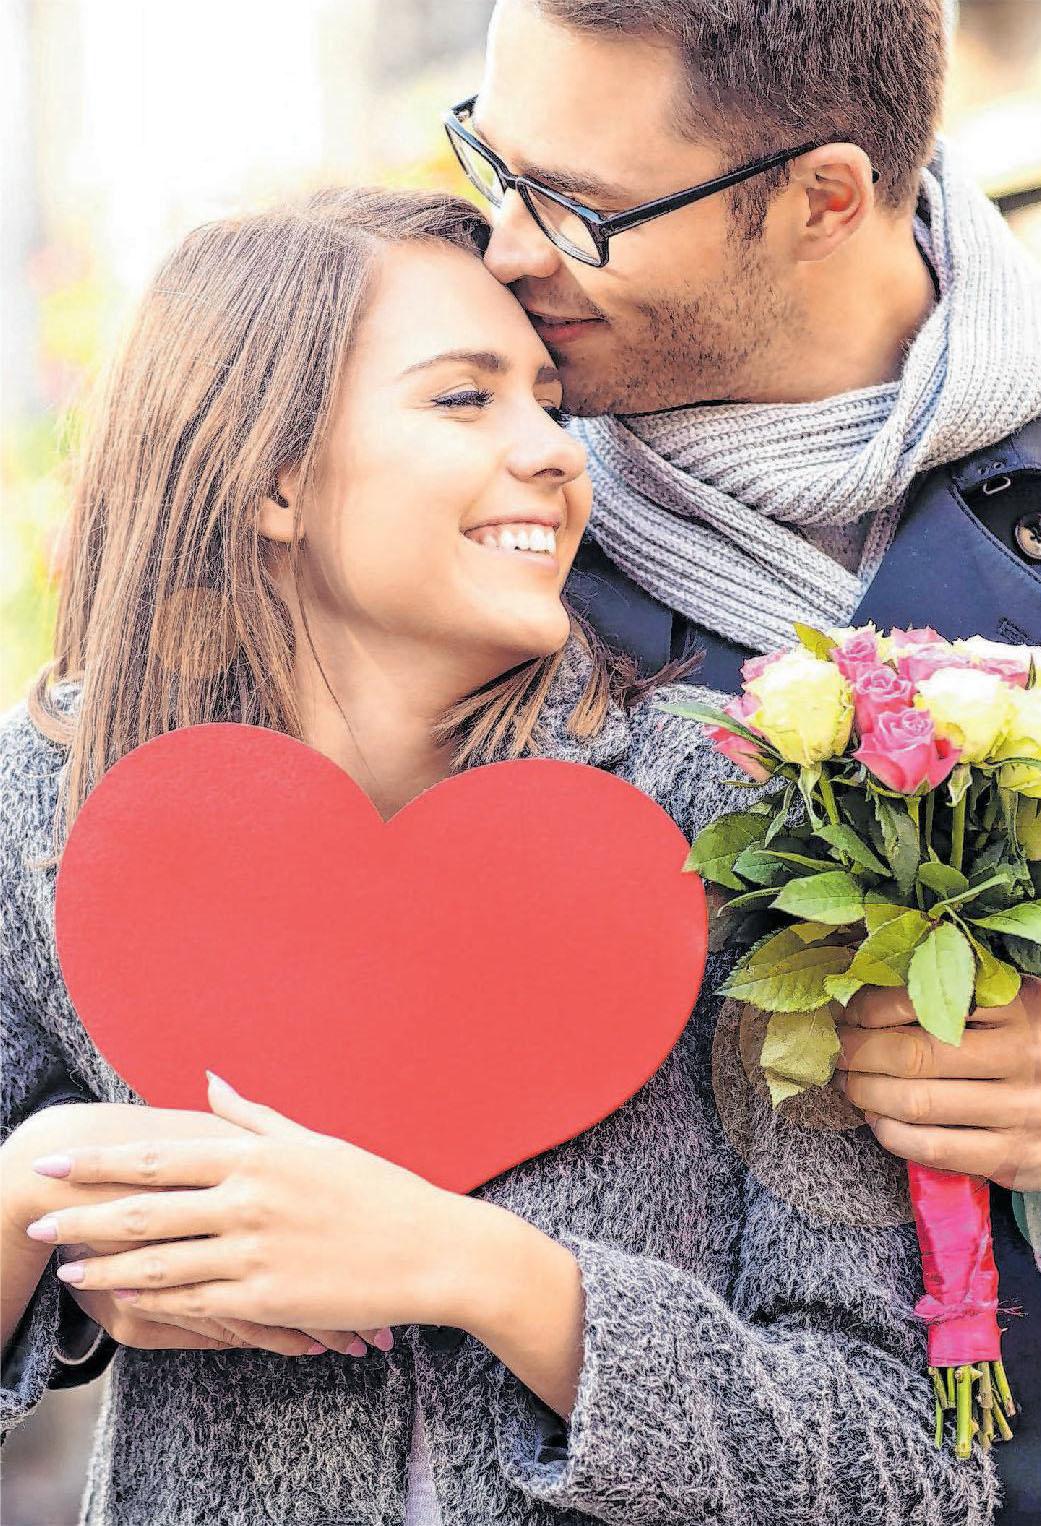 Love is in the Air: Für viele Paare ist der Valentinstag der Tag der Zweisamkeit. Foto: Kamil Macniak/Shutterstock.com